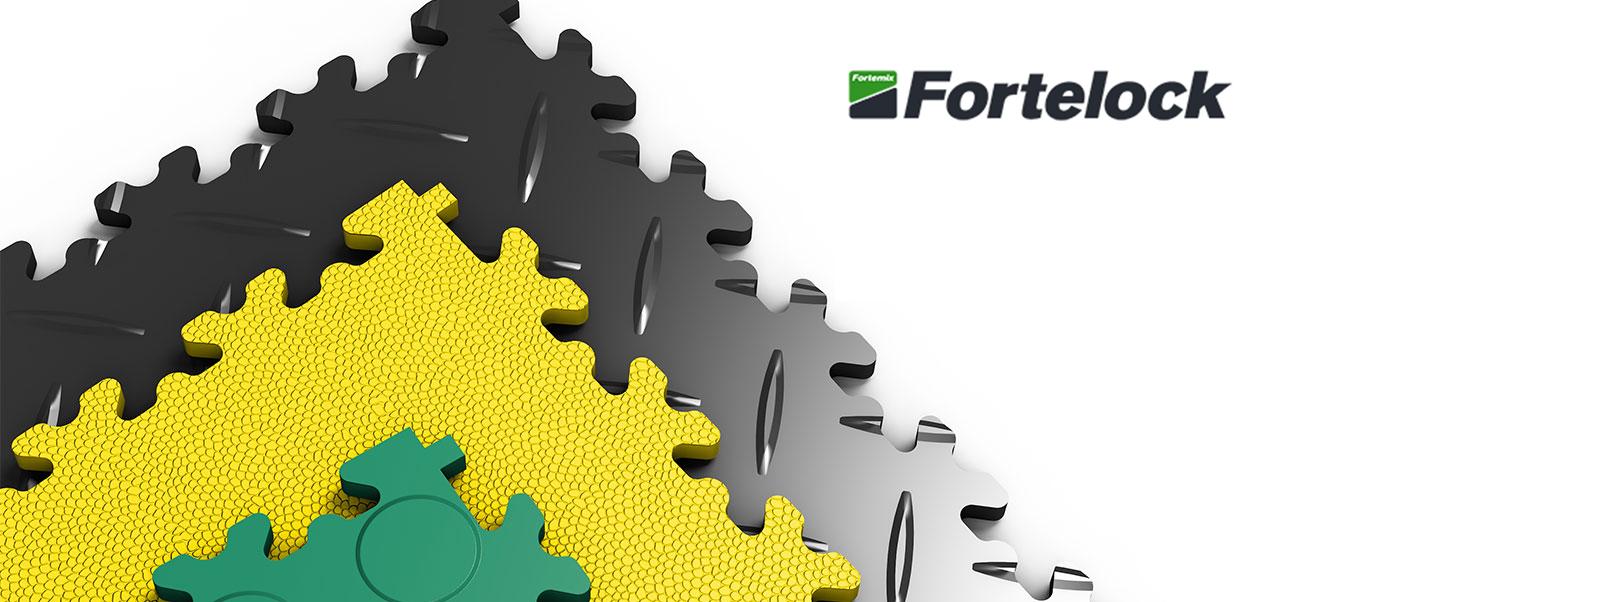 Fortelockslider1